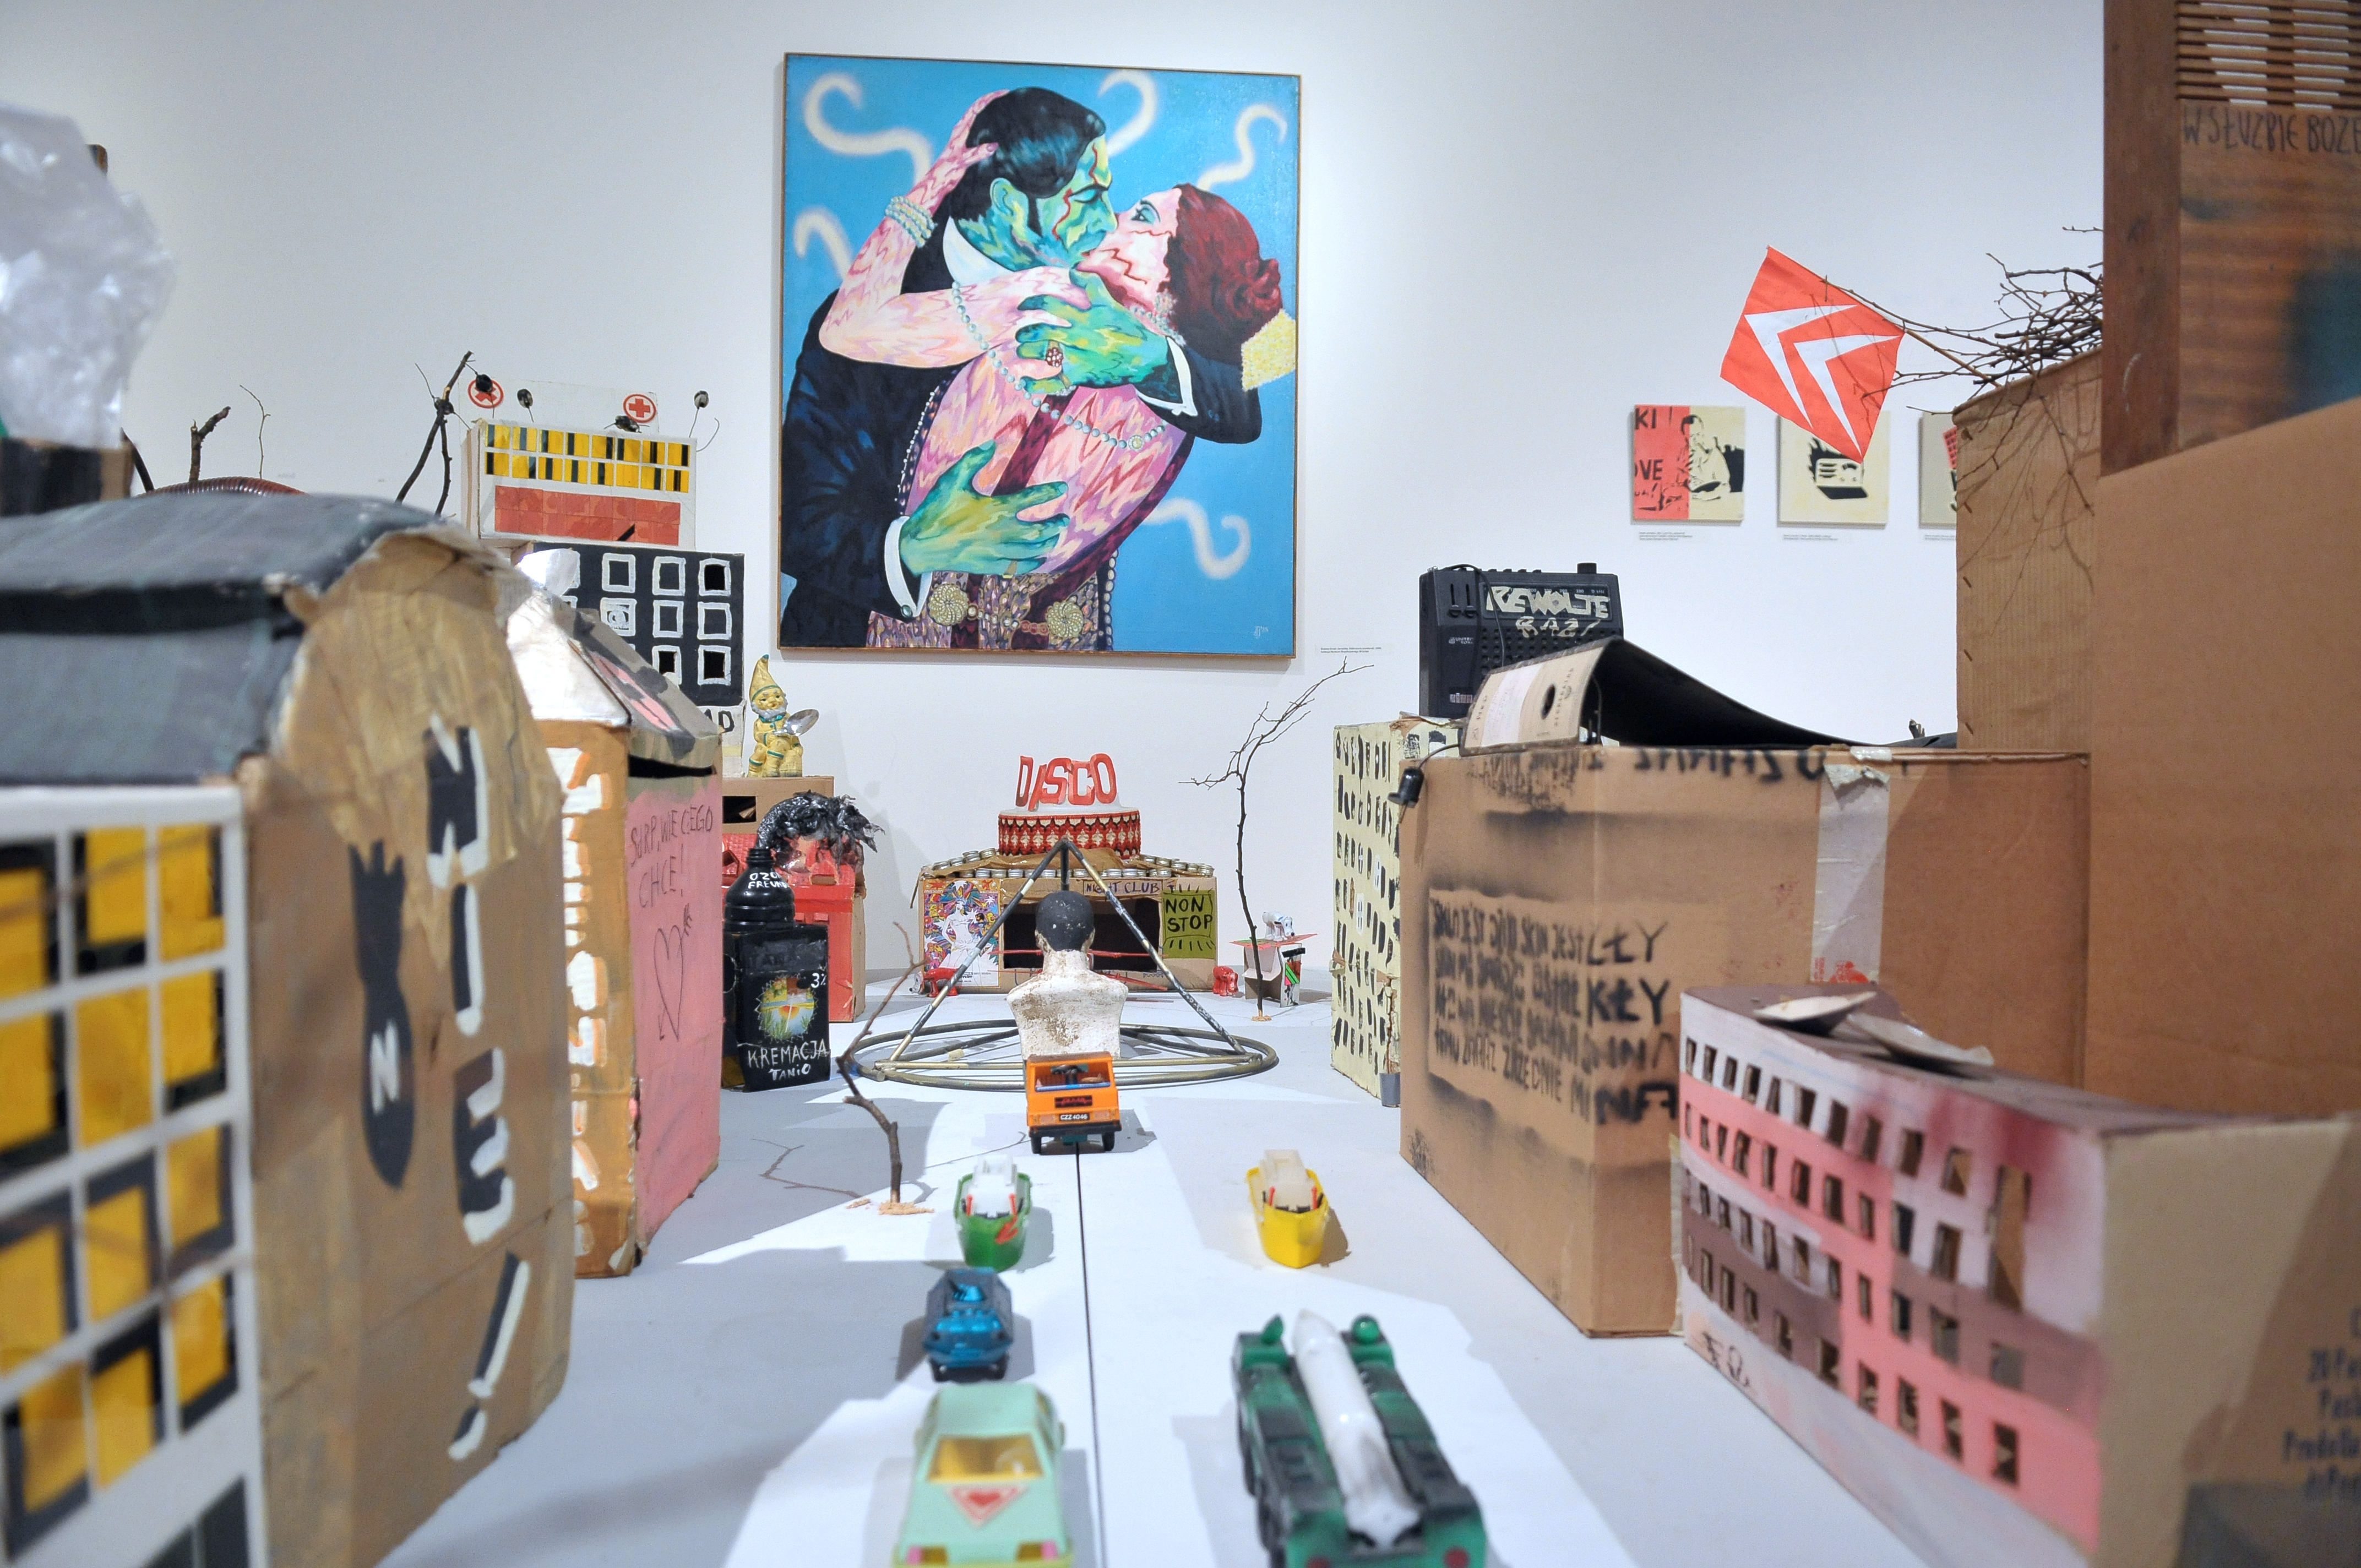 Grupa Luxus, Ity możesz zostać King Kongiem, instalacja, 1987–1991, kolekcja MWW. Wtle: Bożena Grzyb-Jarodzka, Elektryczny pocałunek, 1993, olej, płótno, kolekcja MWW